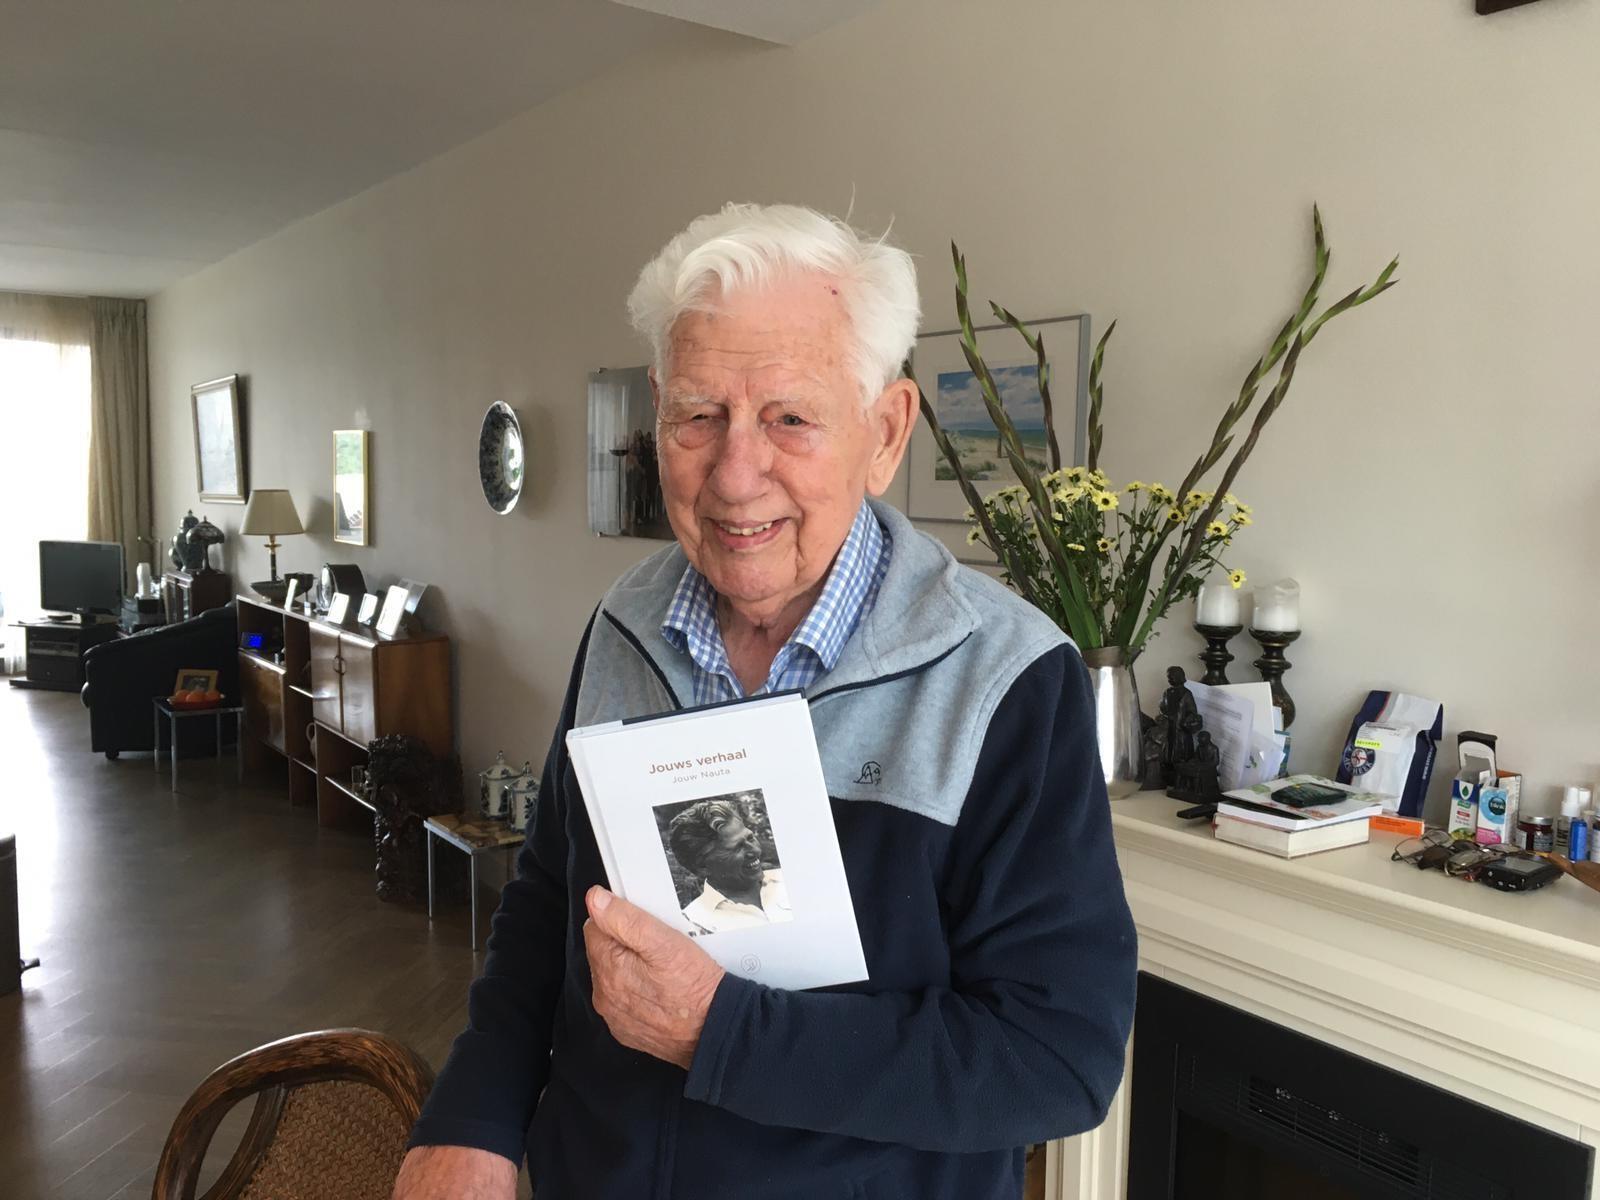 Jouw Nauta - 95 year old StoryTerrace client